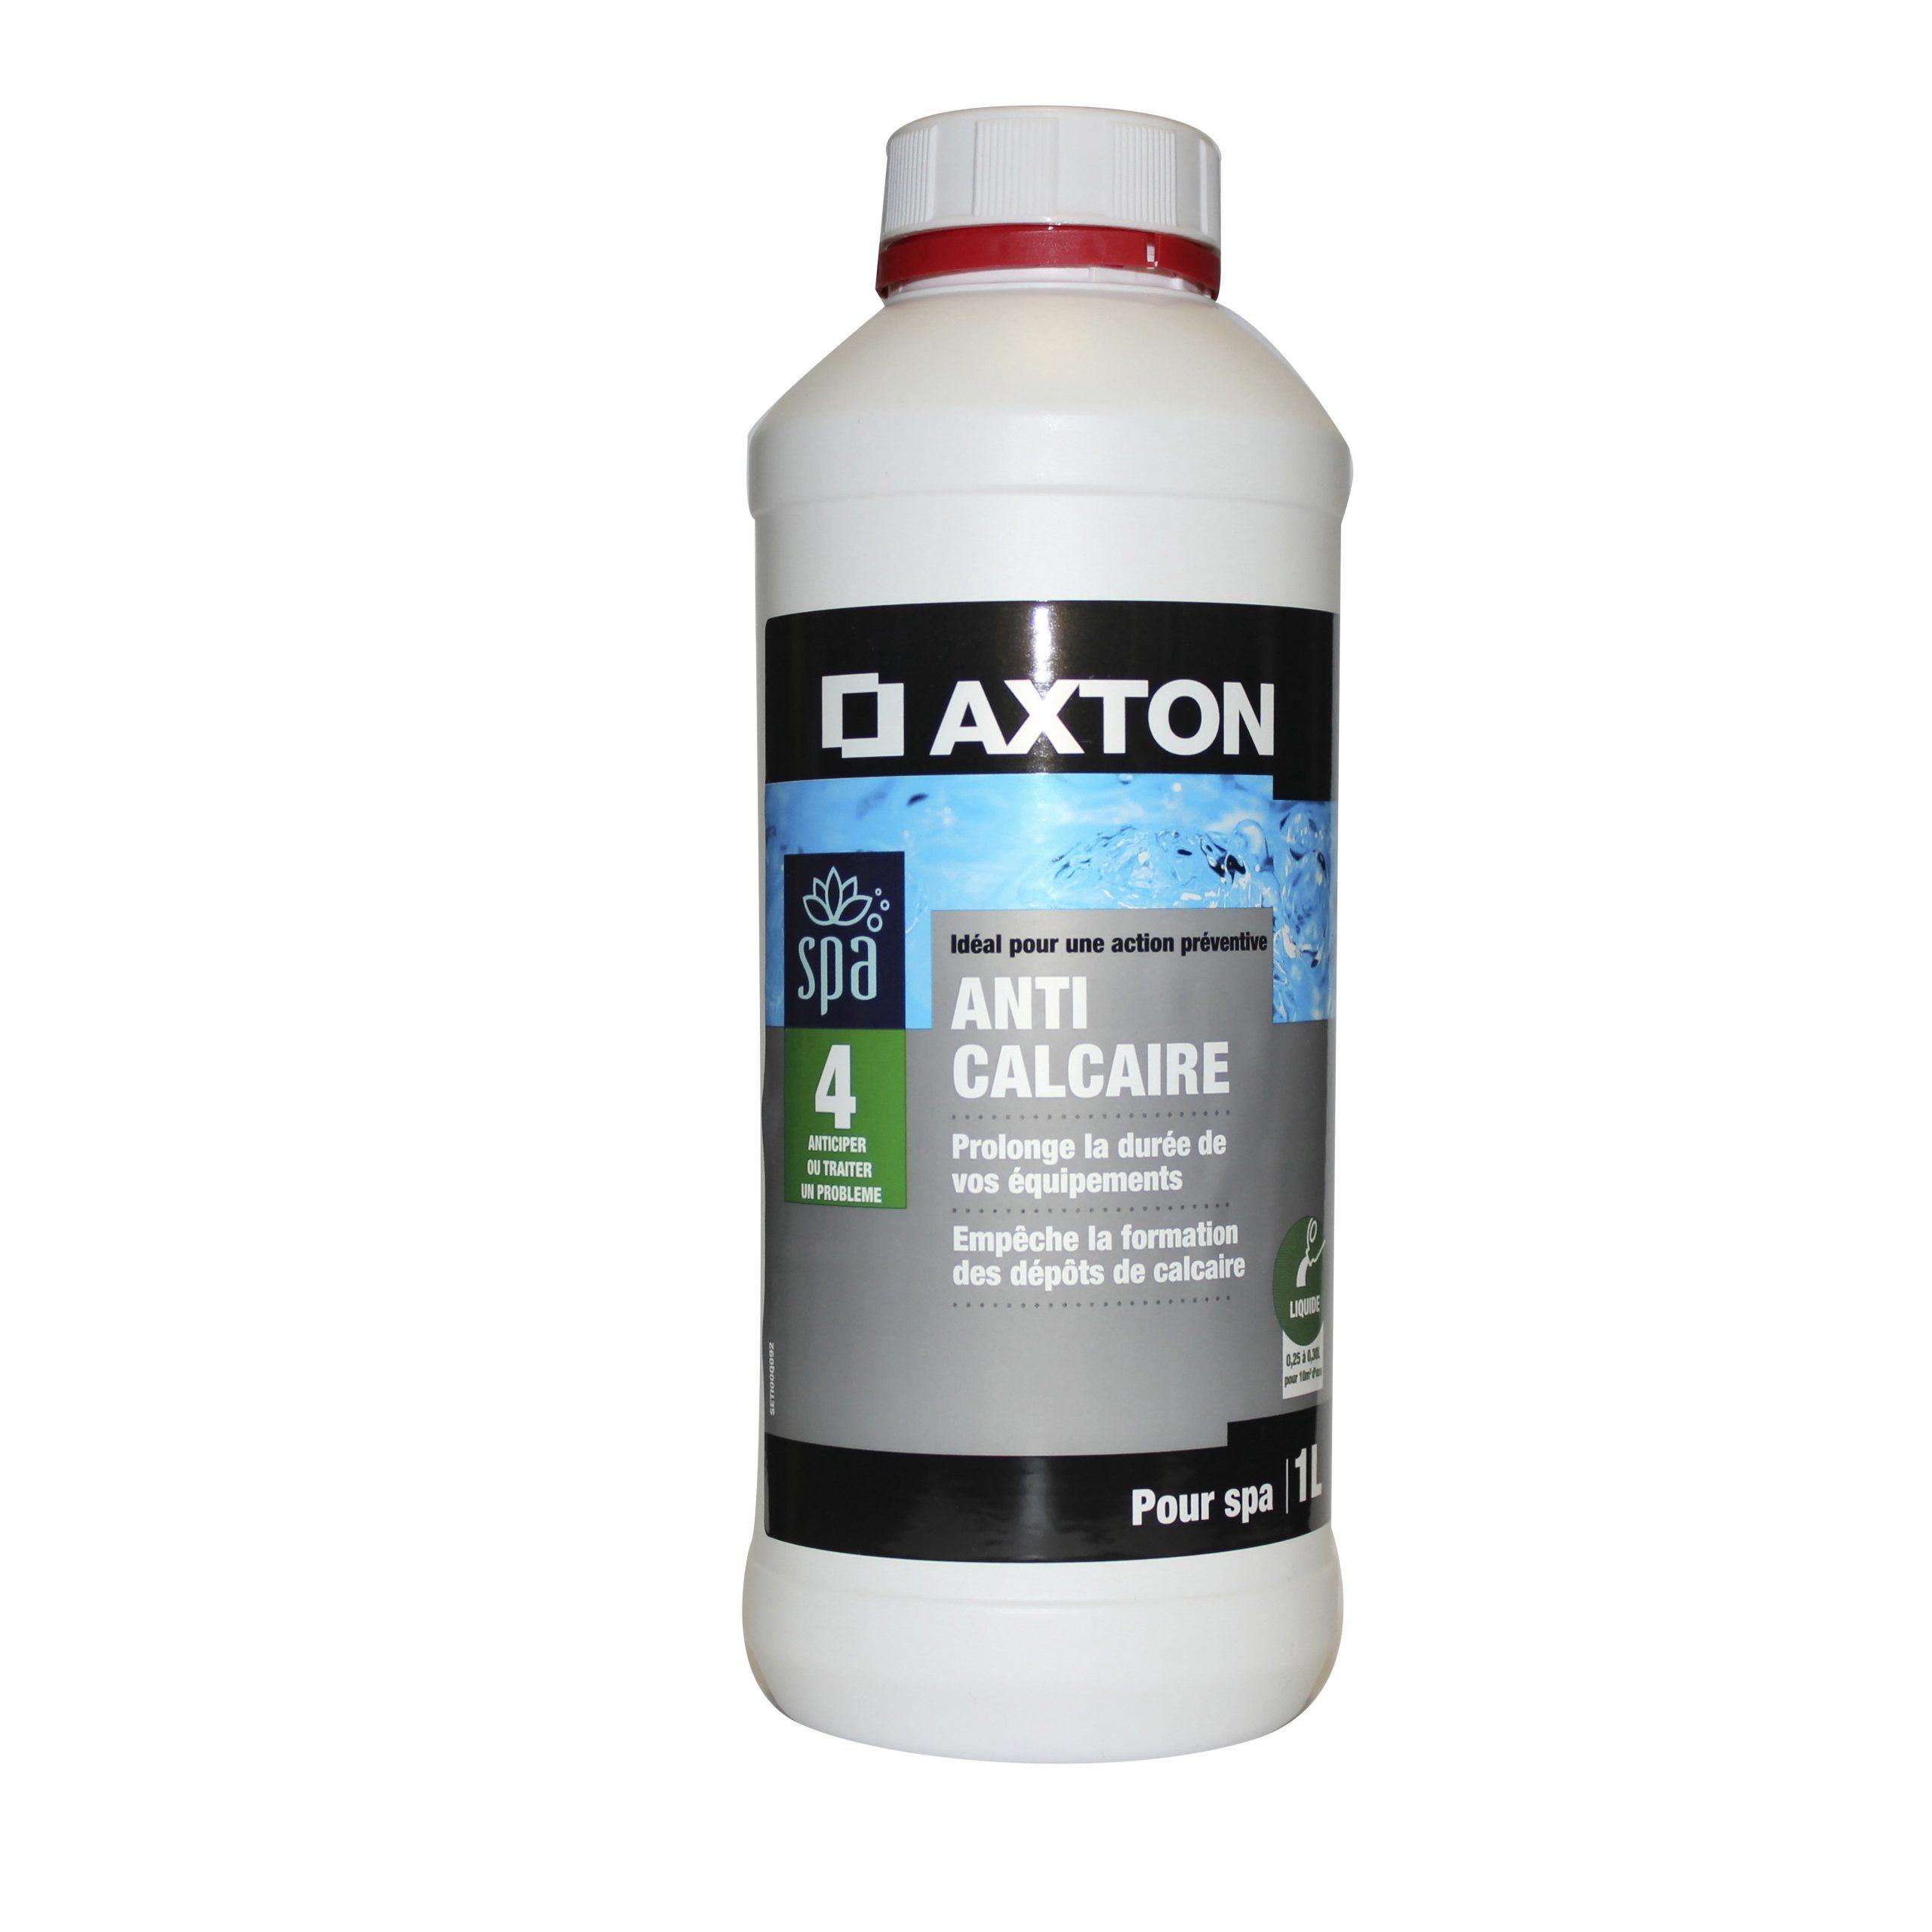 Anticalcaire Piscine Axton, Liquide 1 L intérieur Anti Calcaire Piscine